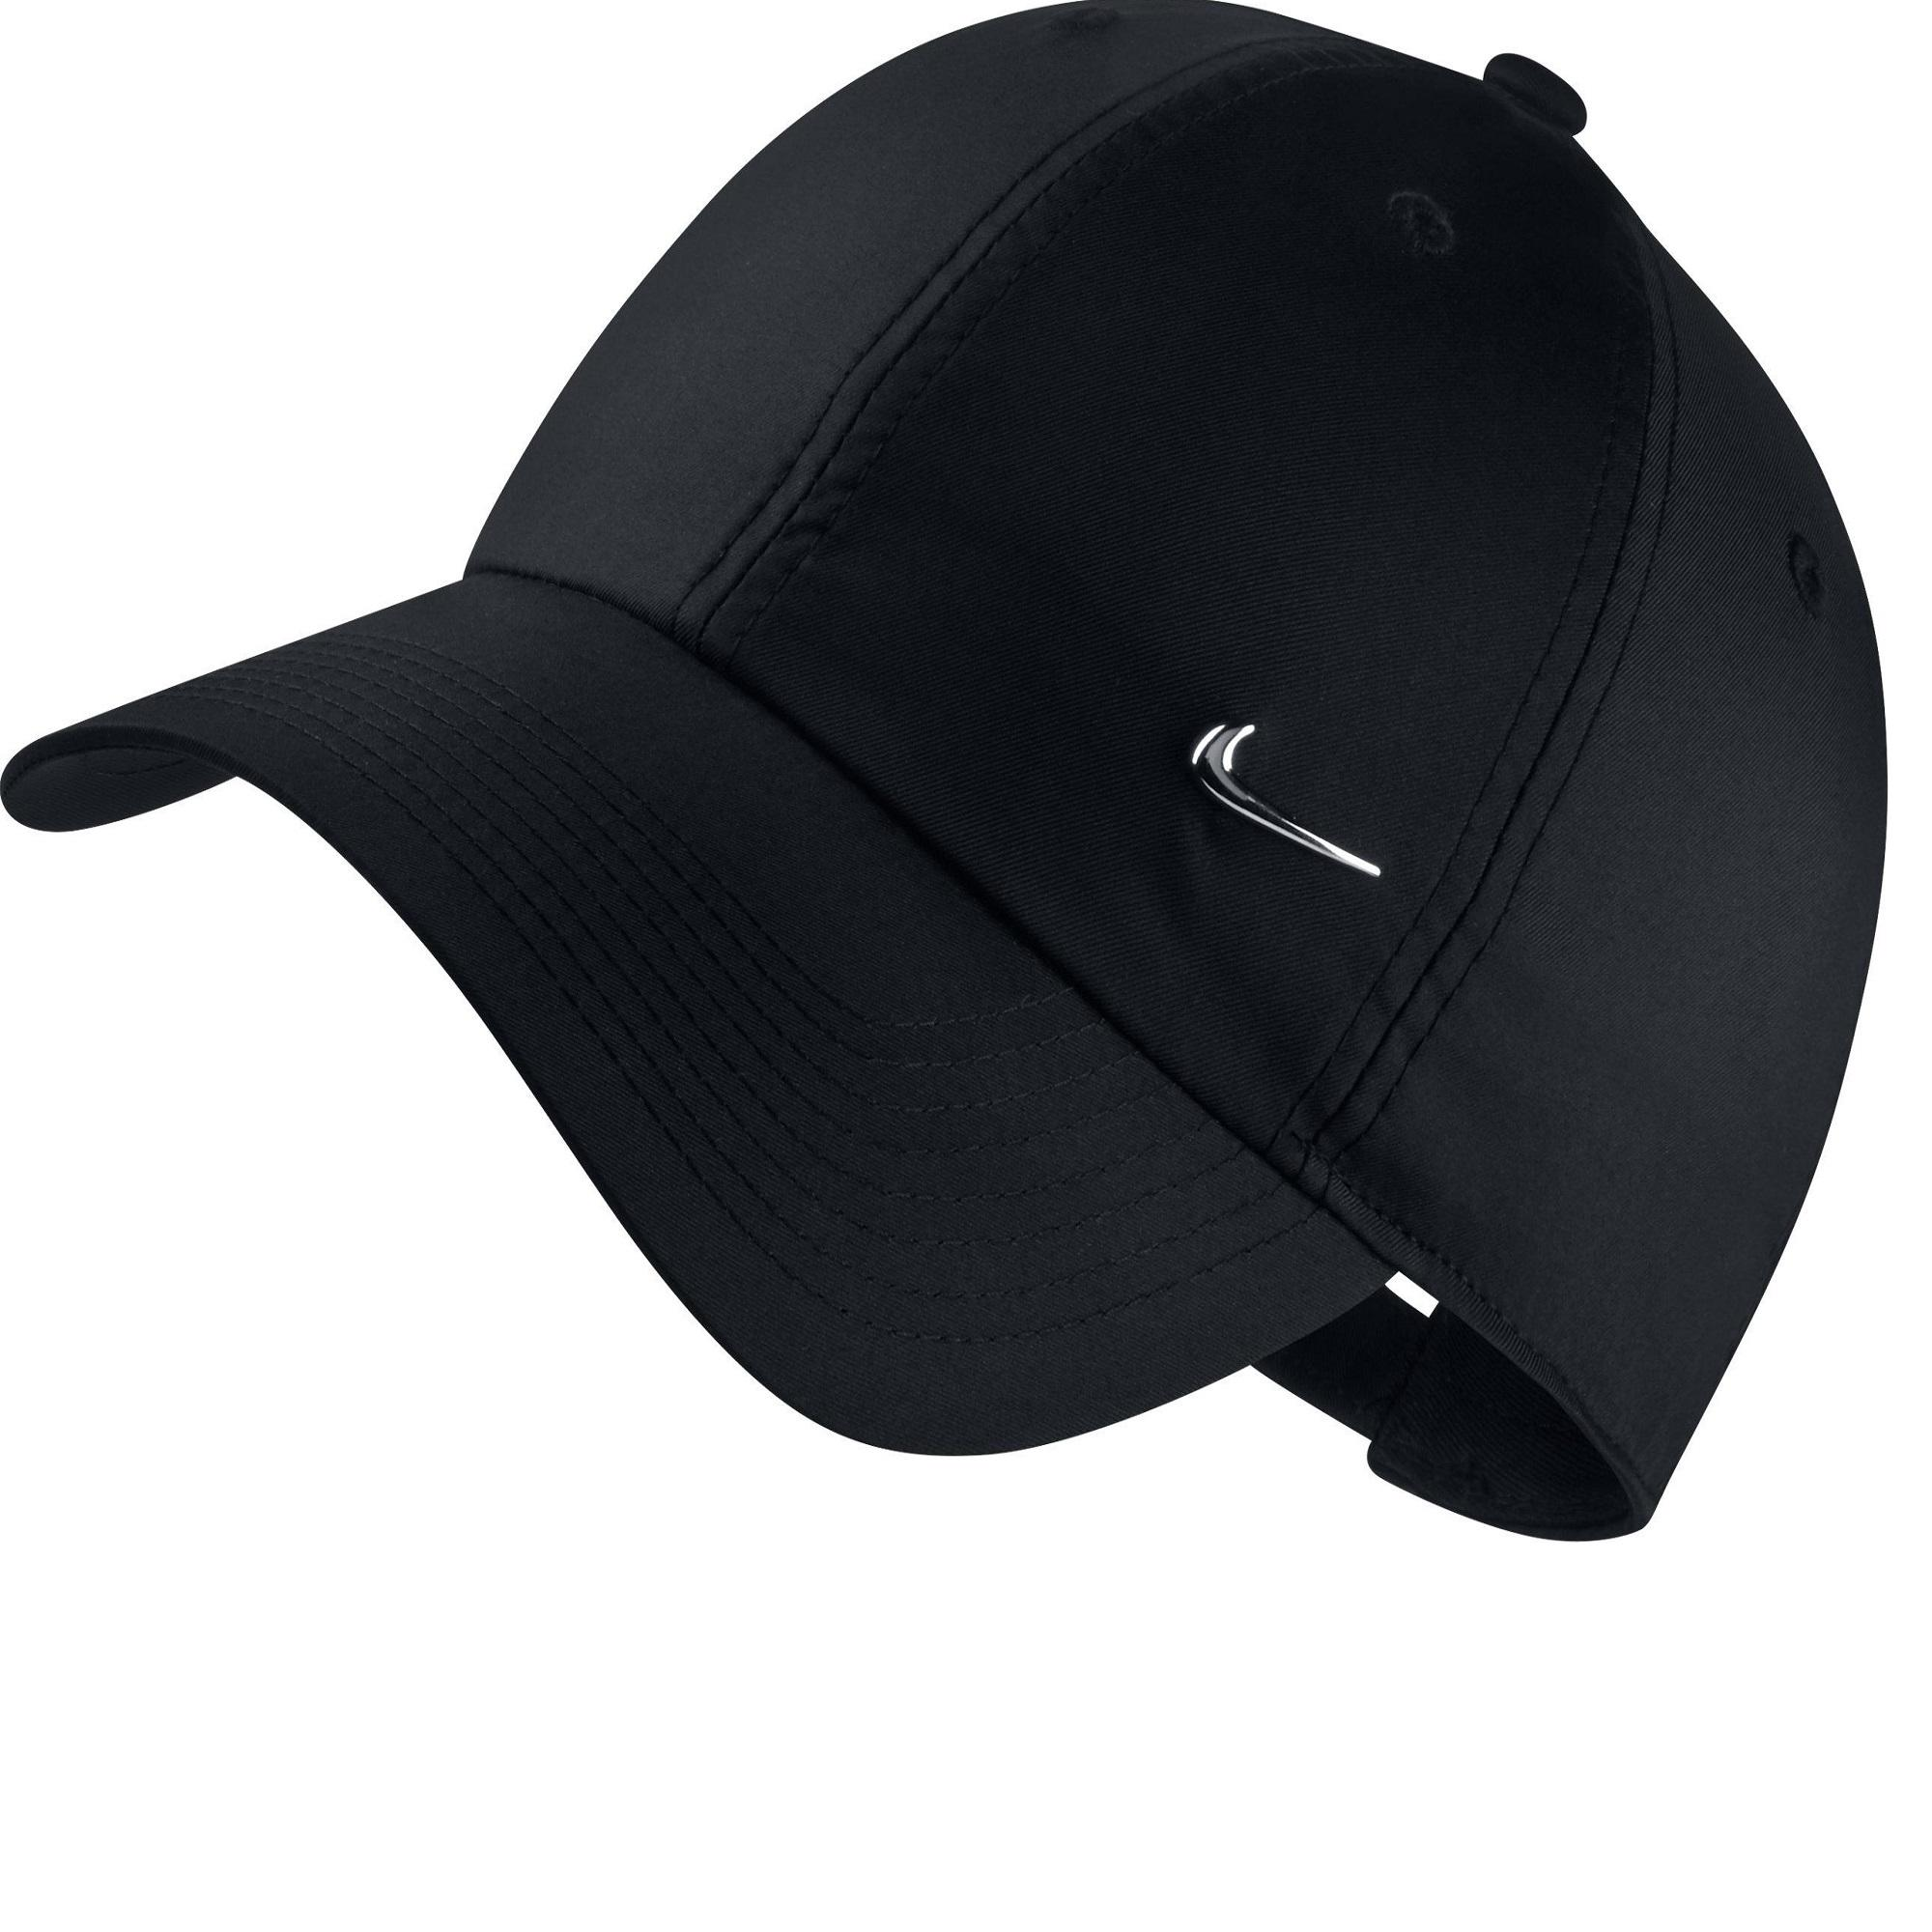 Şapcă fitness Nike negru